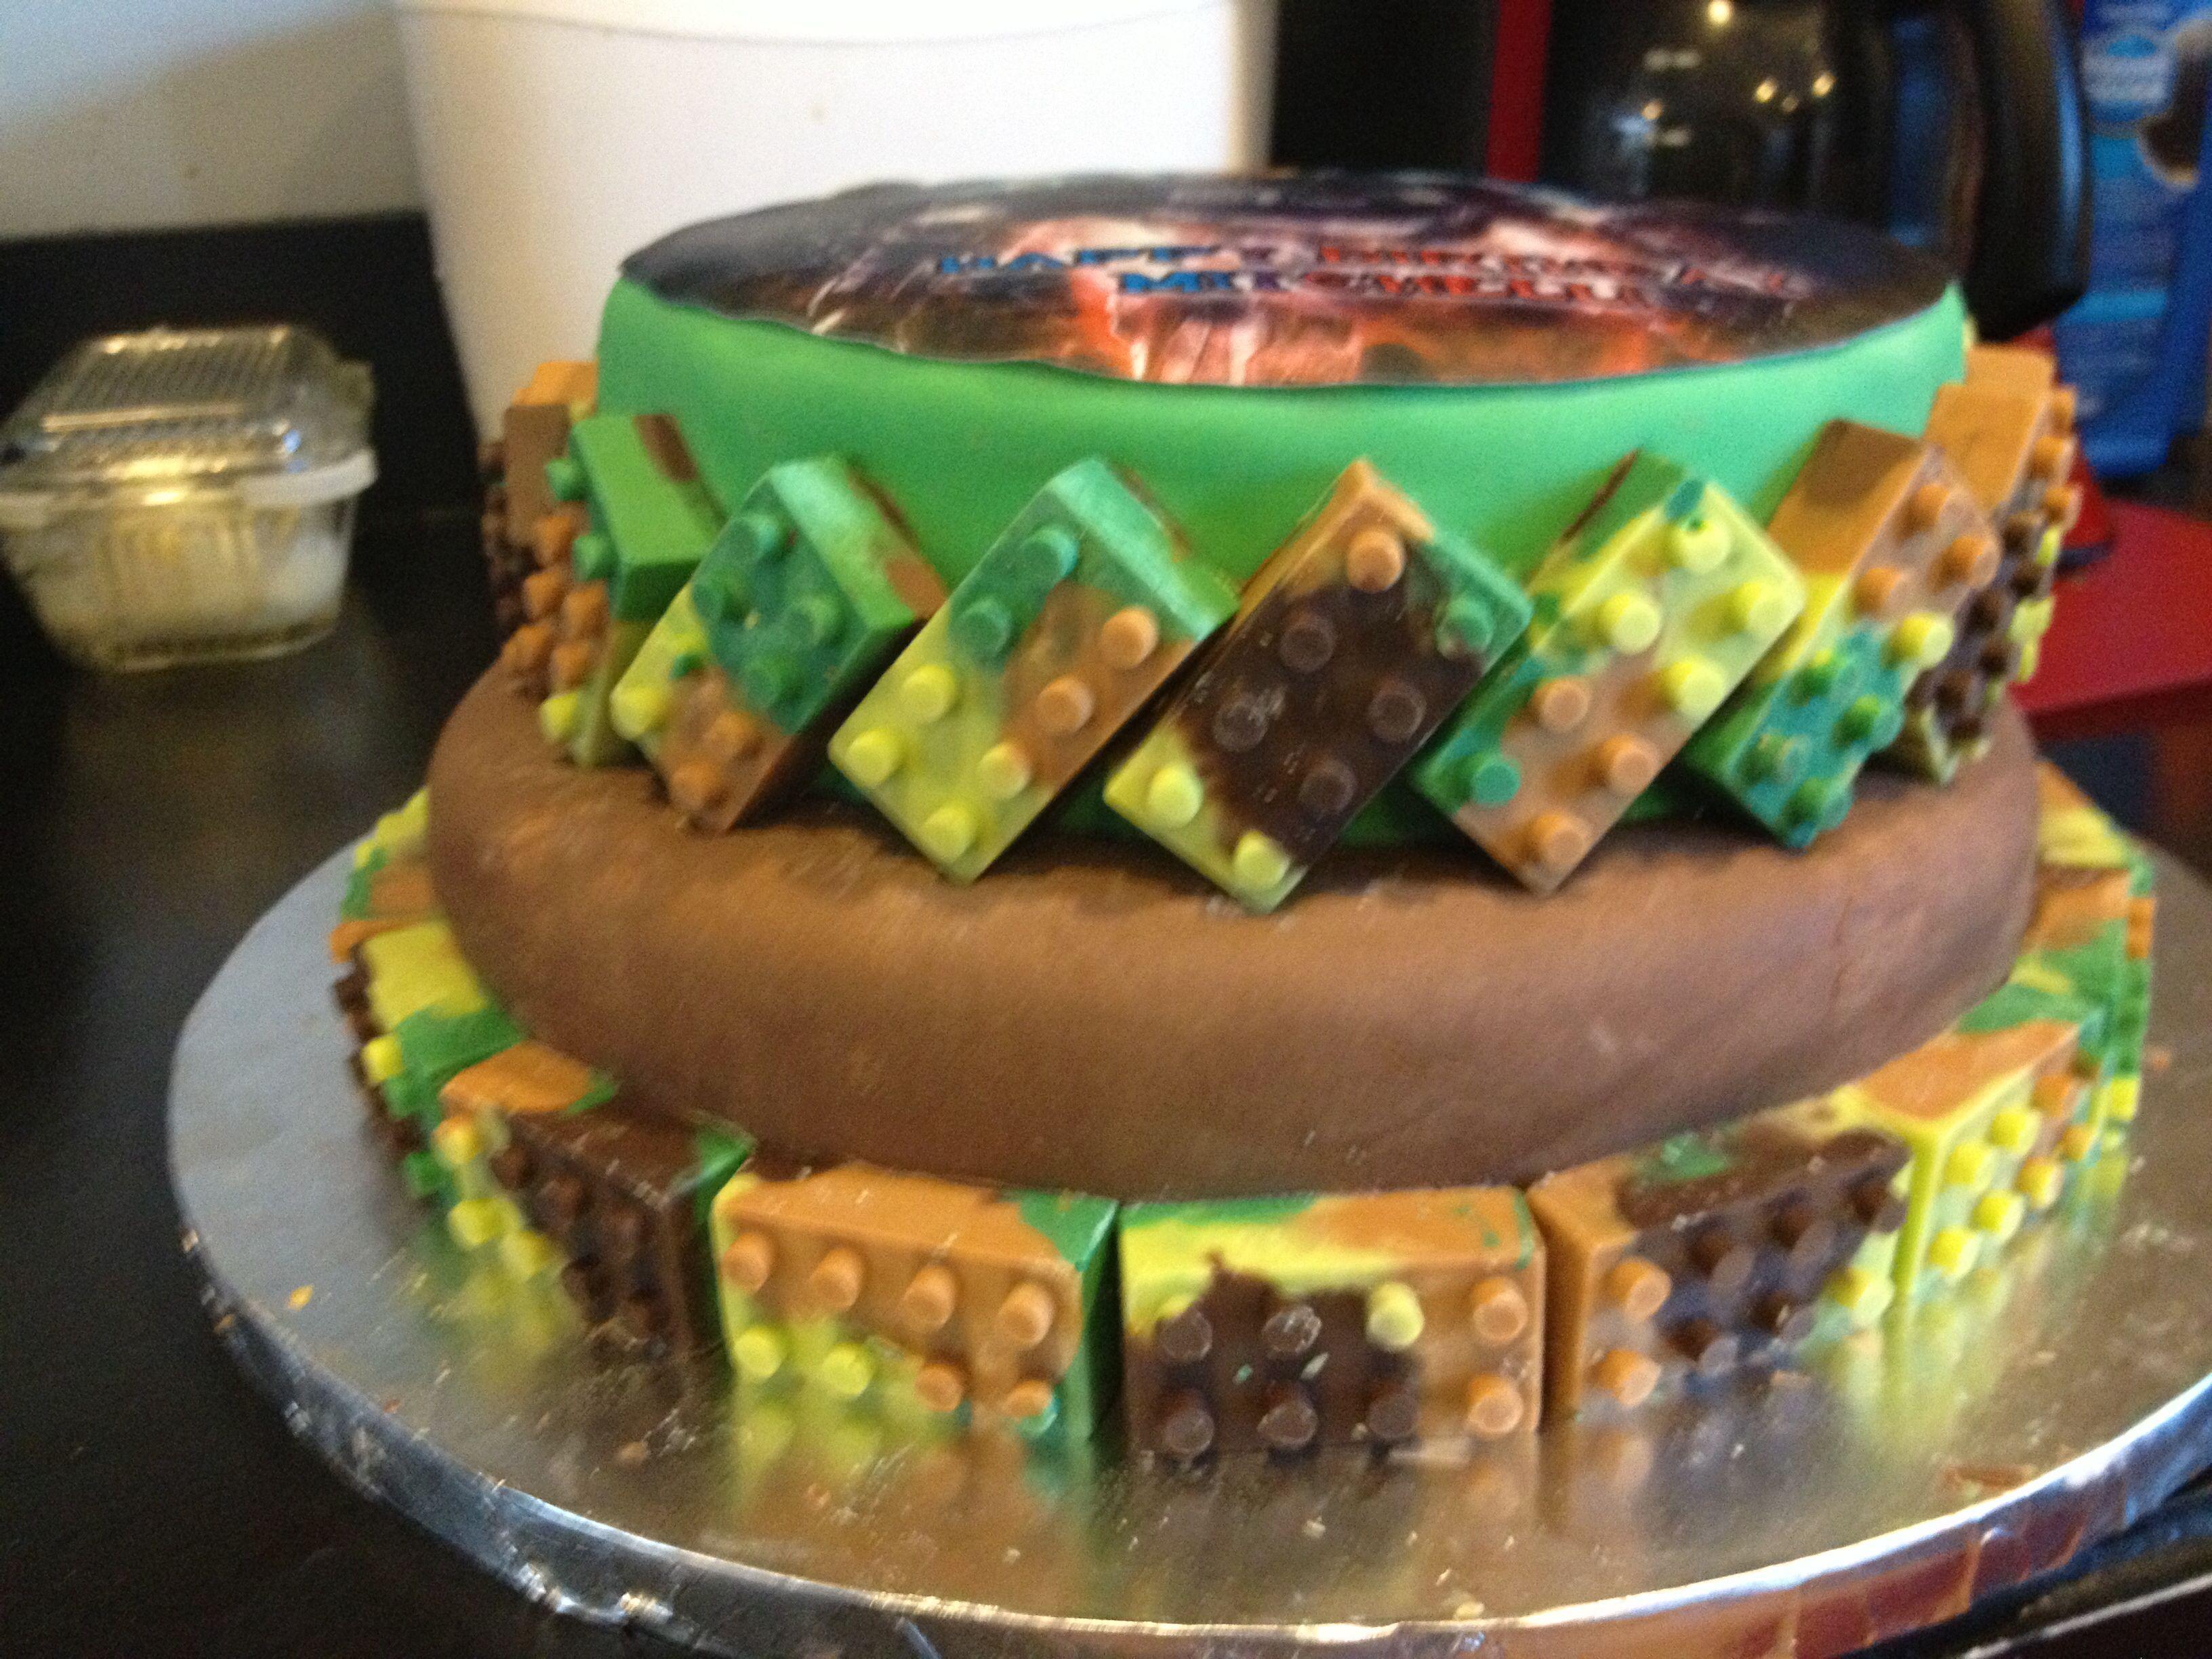 LegoCamohalo cake Cakes by Eron Cakes Pinterest Halo cake